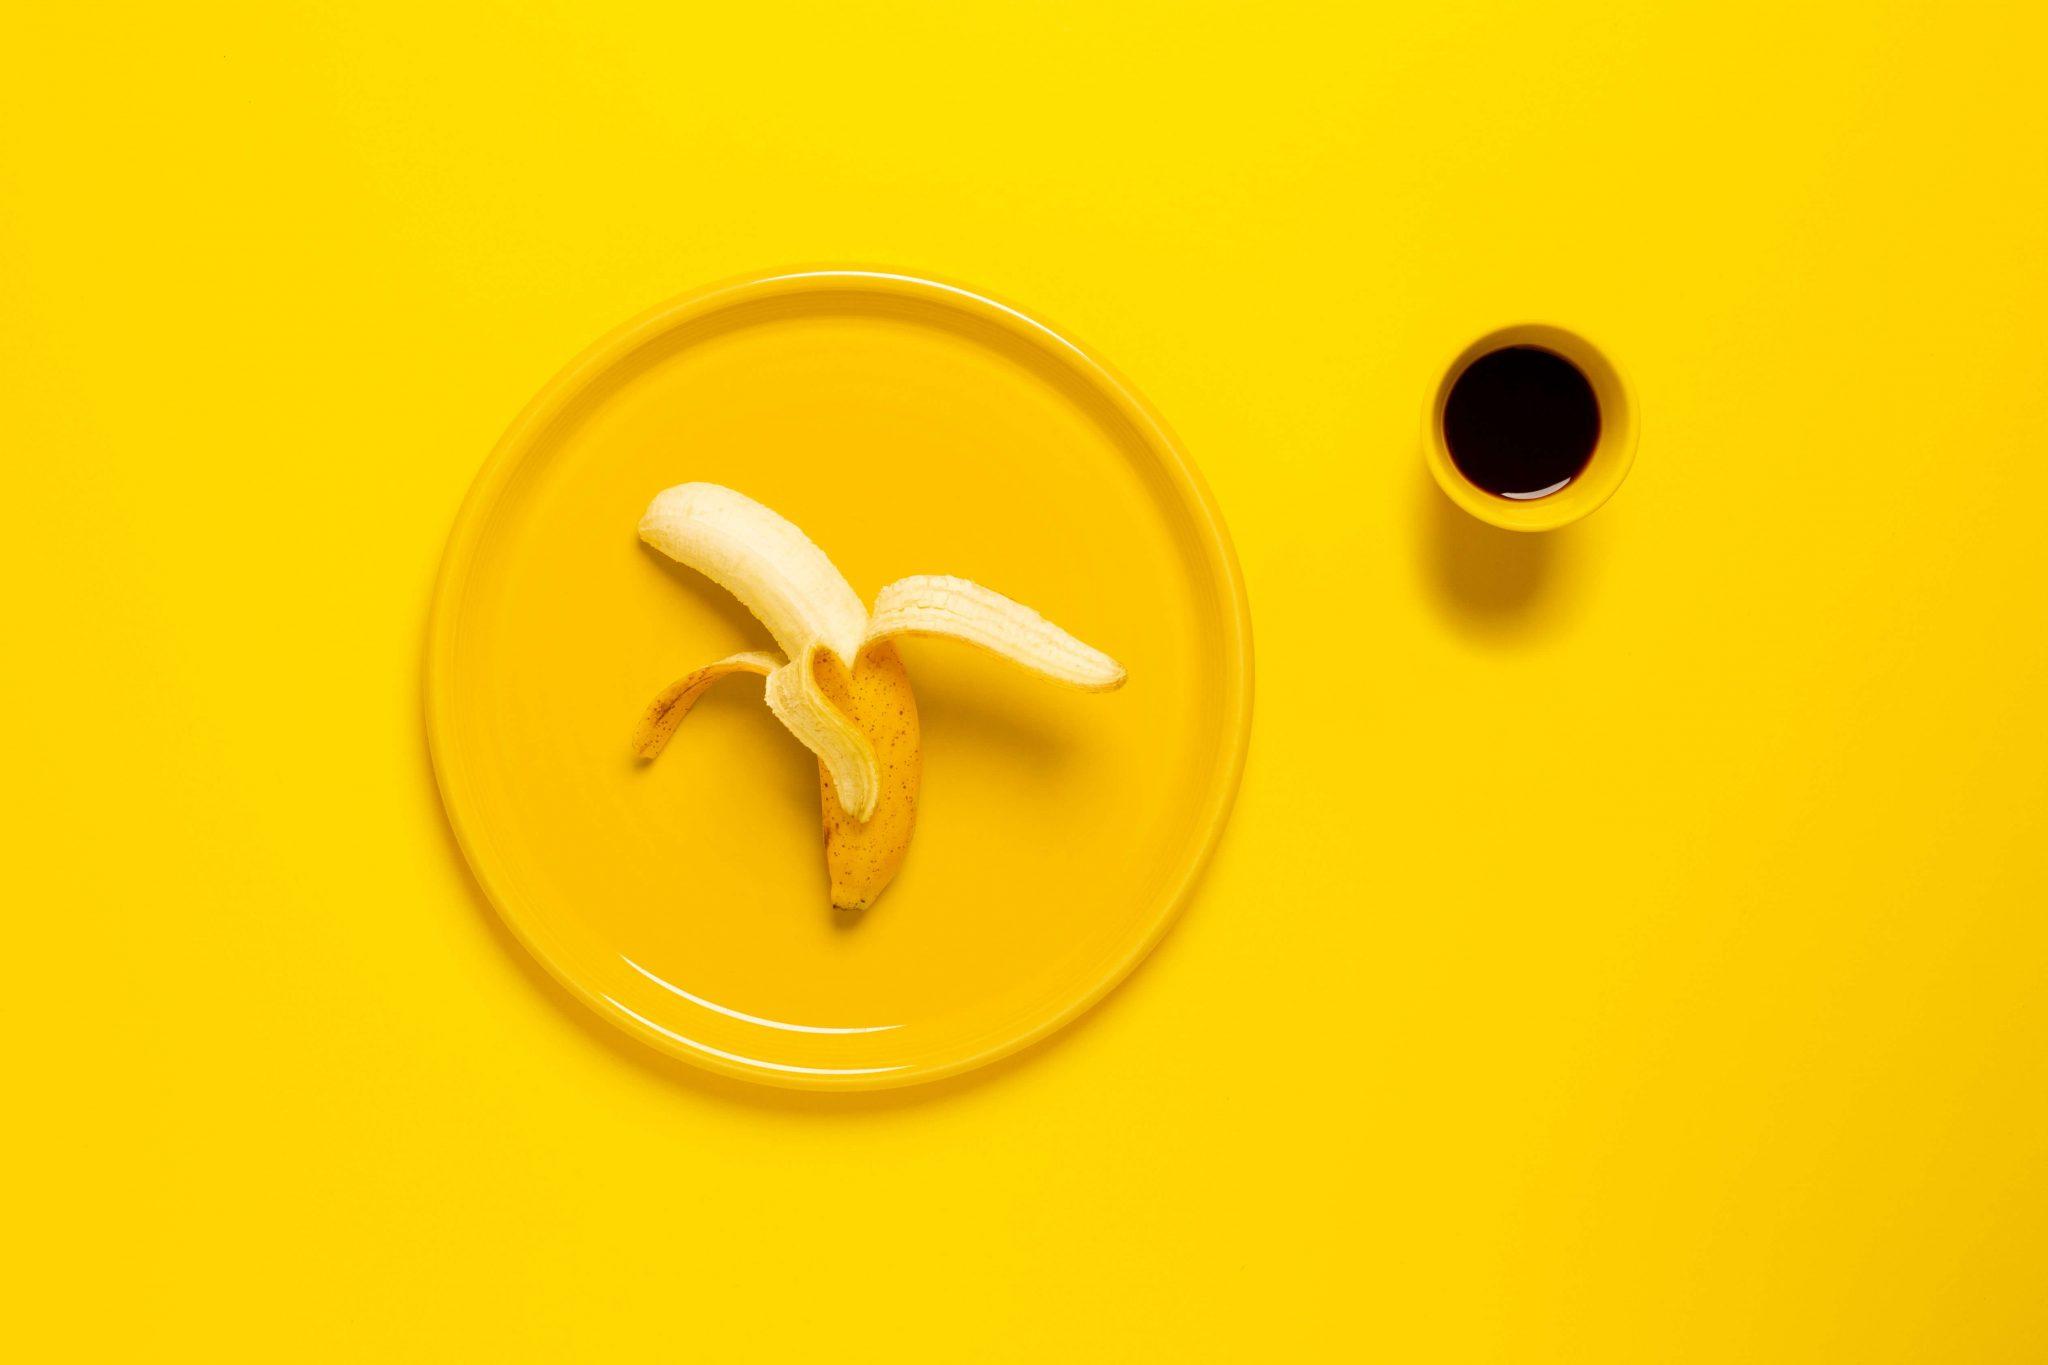 Culorile influențează apetitul? - 1